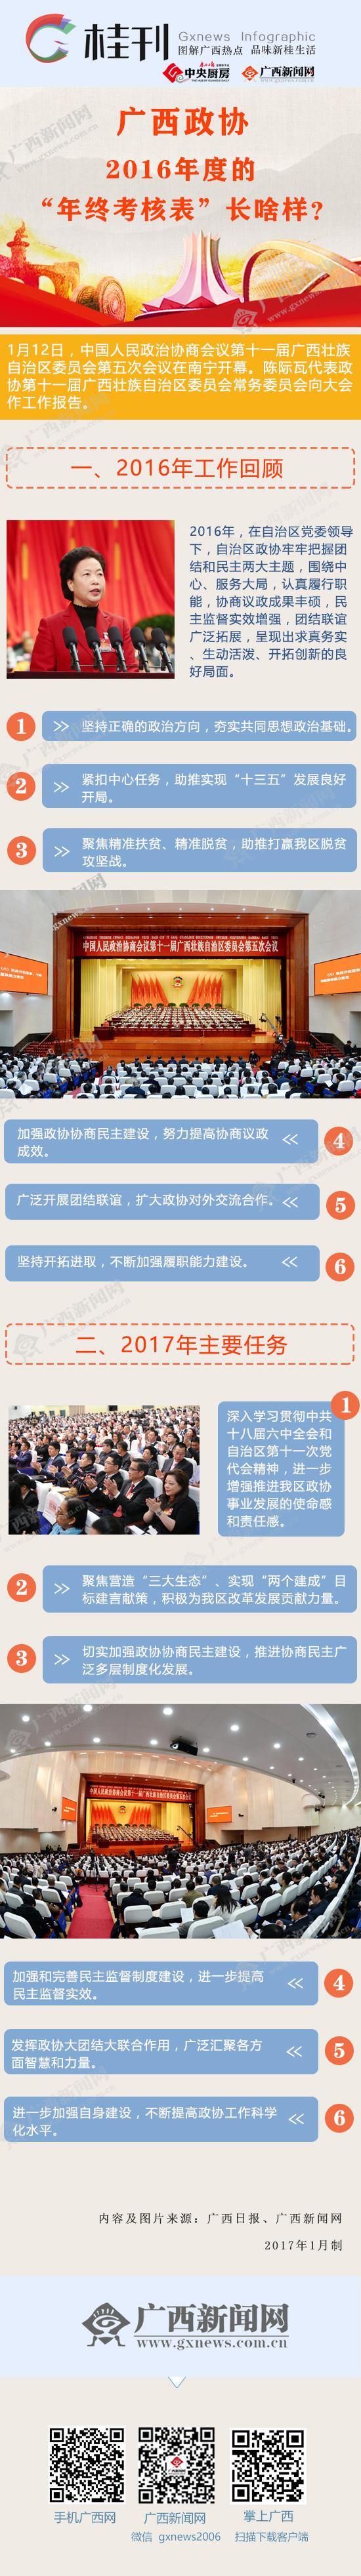 """【桂刊】广西政协2016年度的""""年终考核表""""长啥样?"""